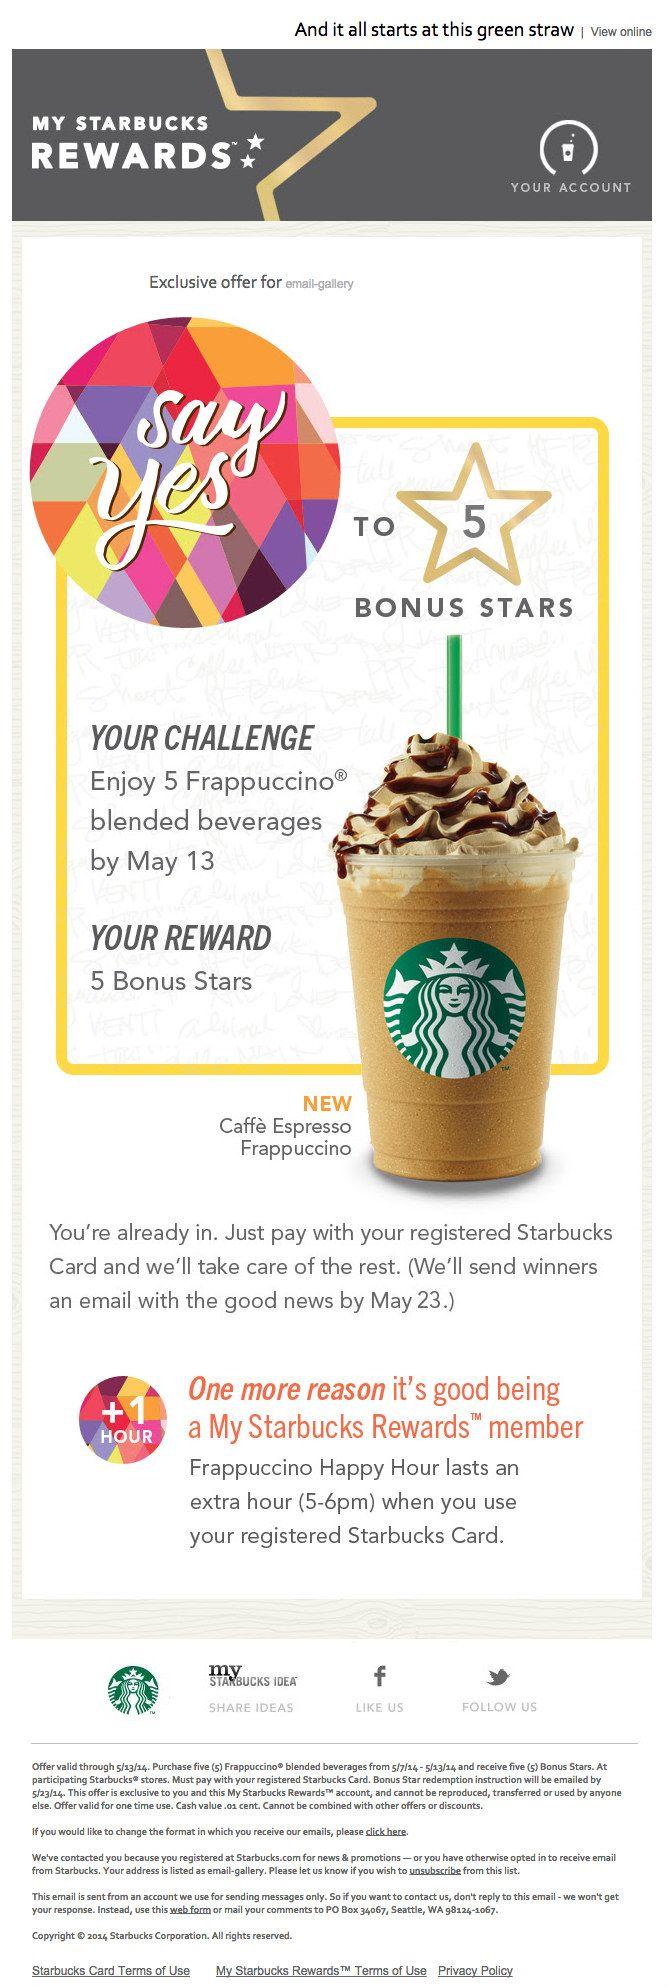 Best 25 Starbucks rewards ideas – Starbucks Card Birthday Month